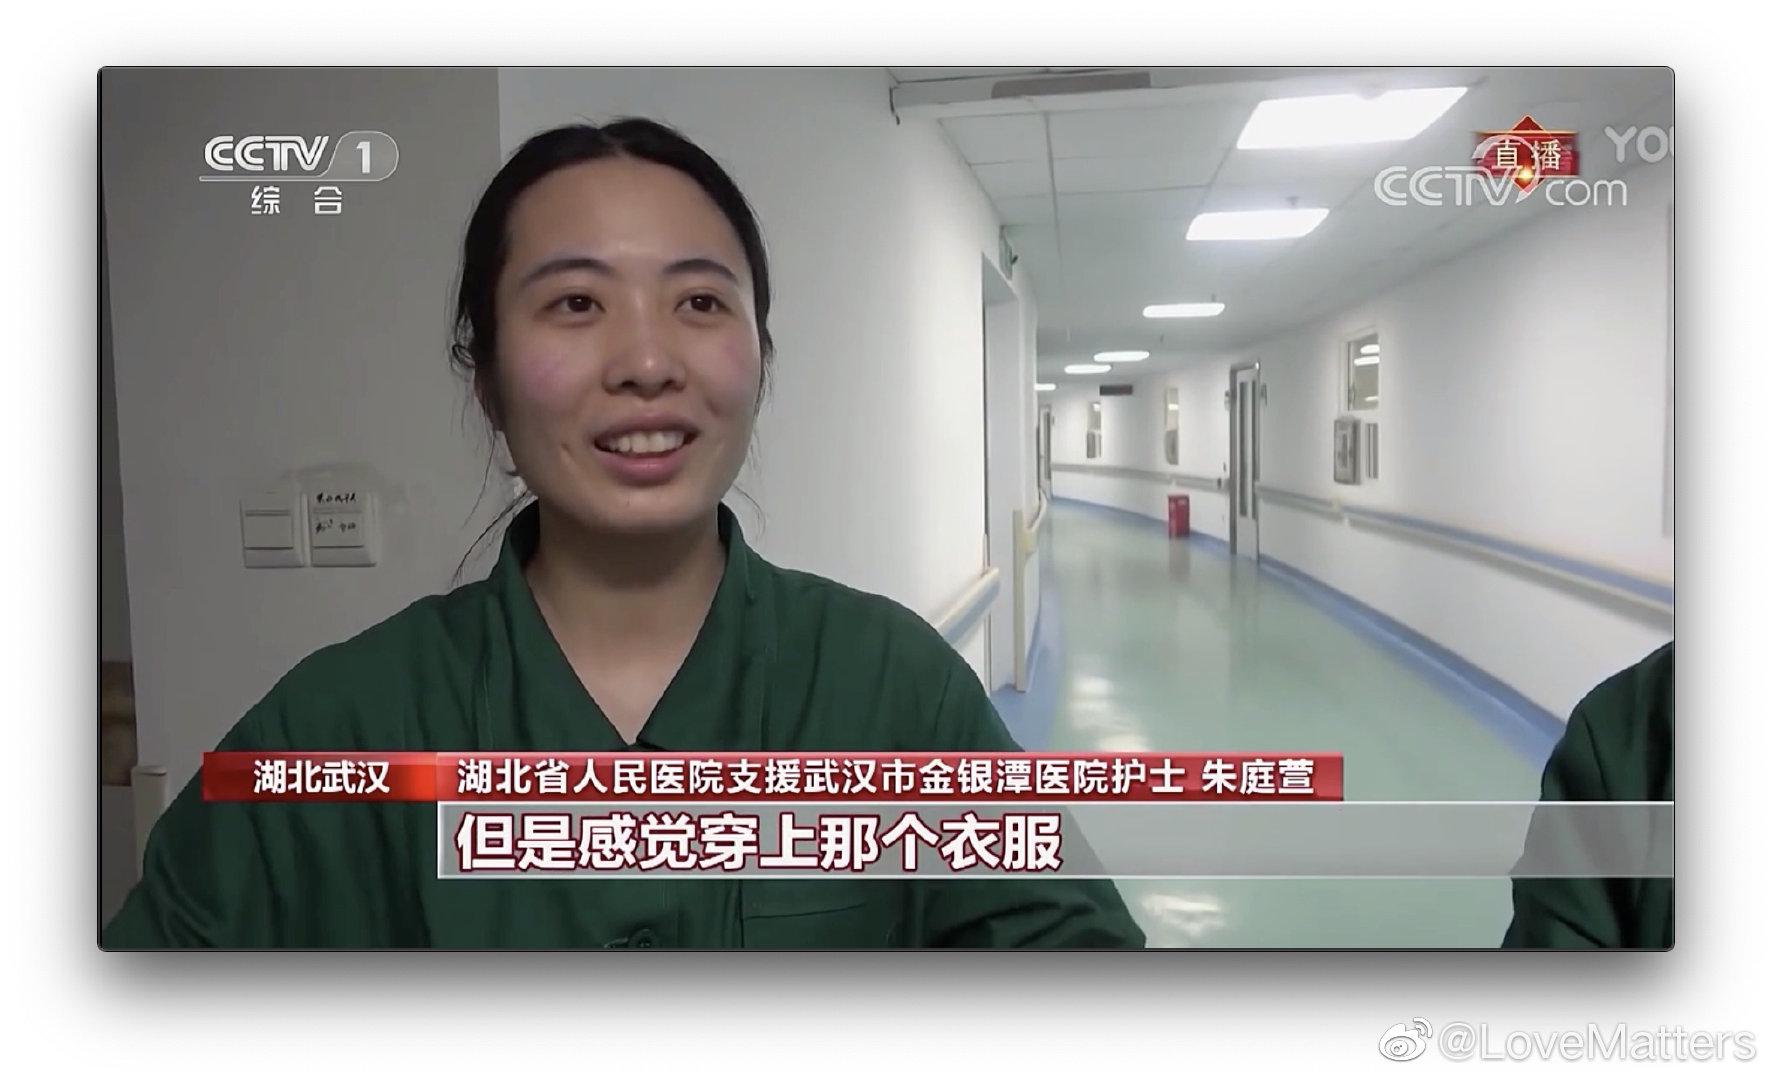 谢谢你,朱庭萱,谢谢你代表的医务人员。